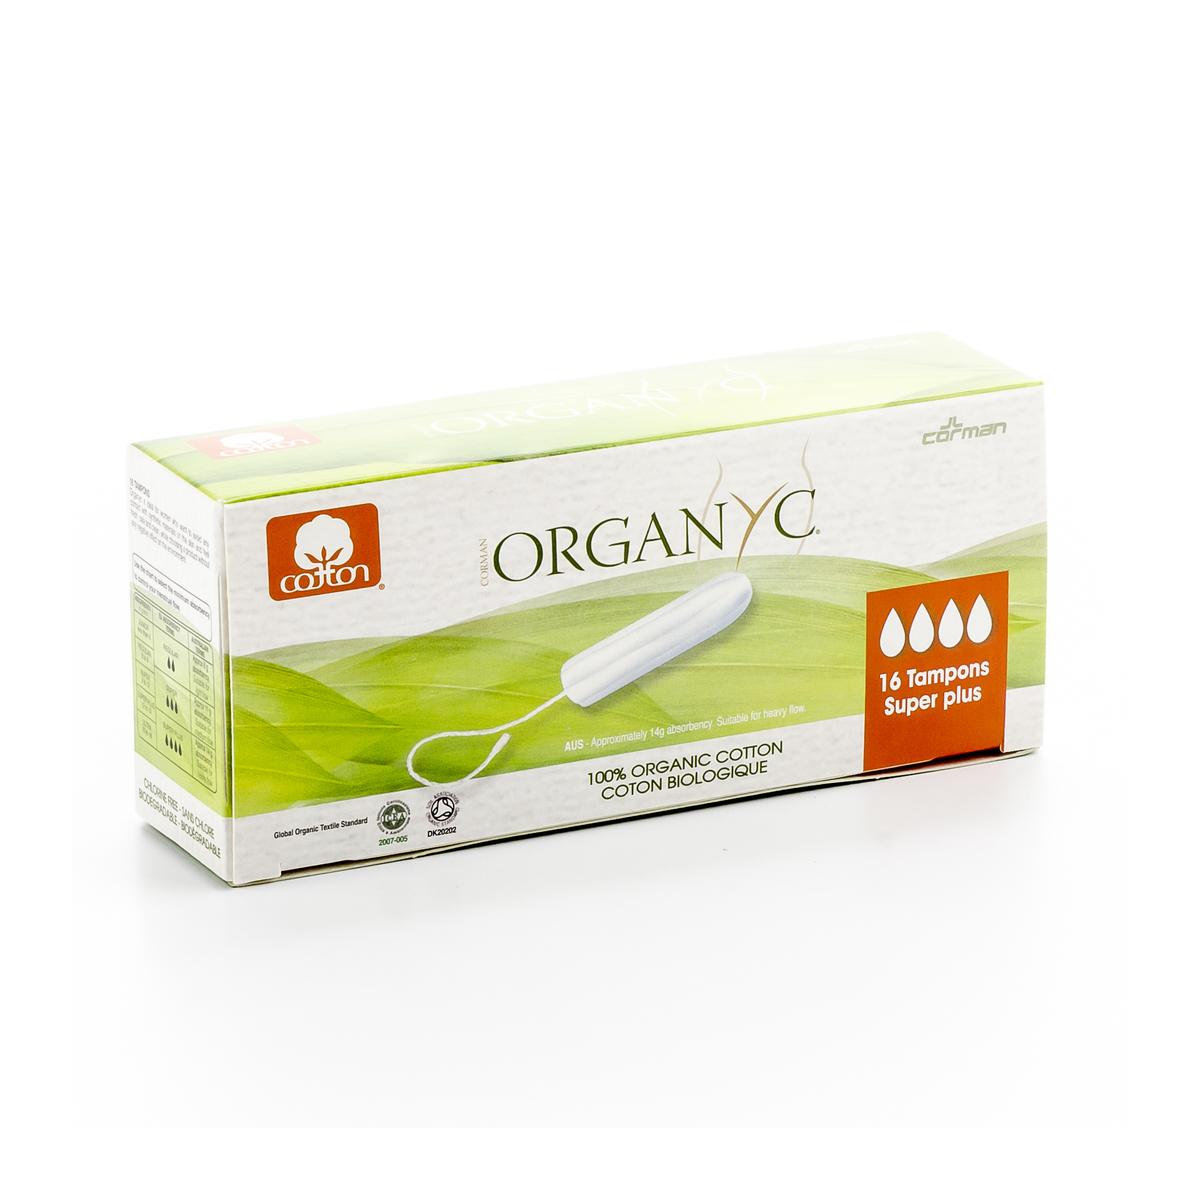 Tampons Super Plus aus 100% biologischer Baumwolle Pack 16 Stück - Organyc